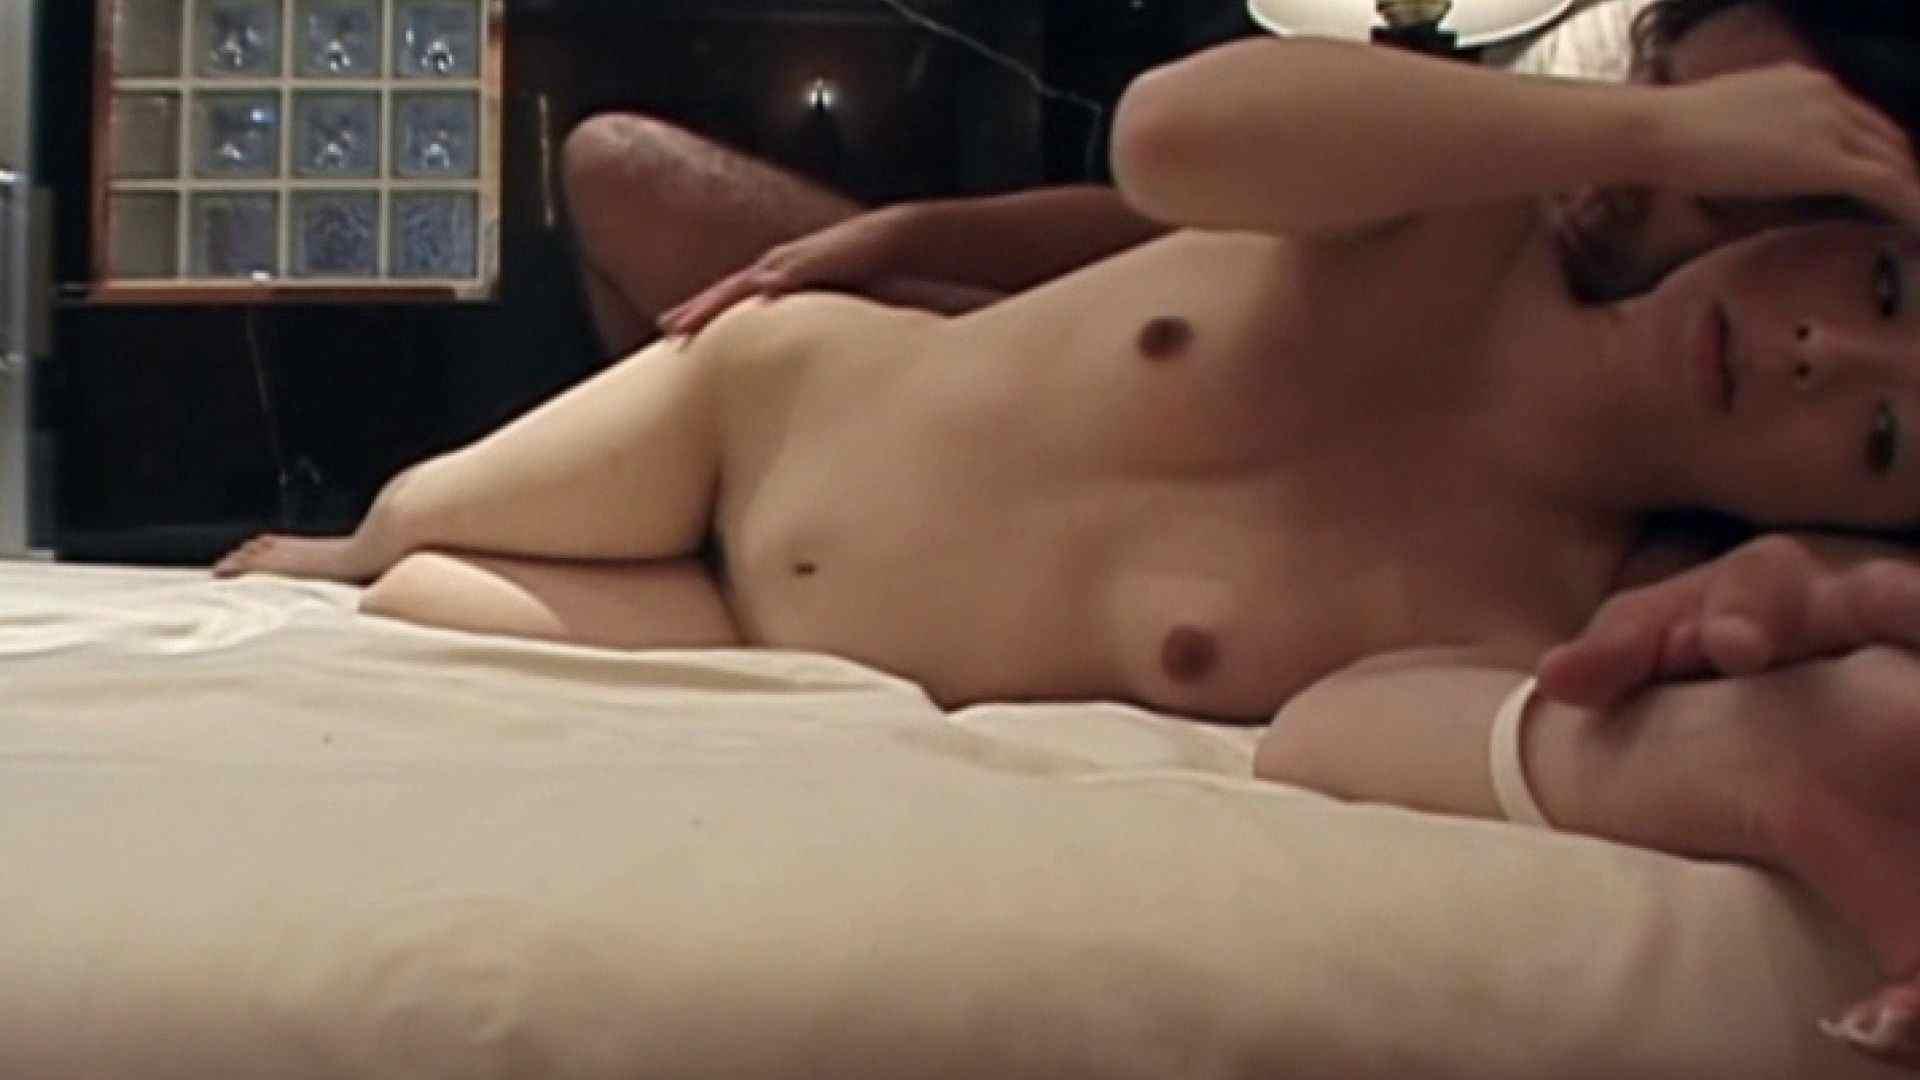 S級厳選美女ビッチガールVol.31 後編 モデルのエッチ のぞき動画画像 52PIX 8